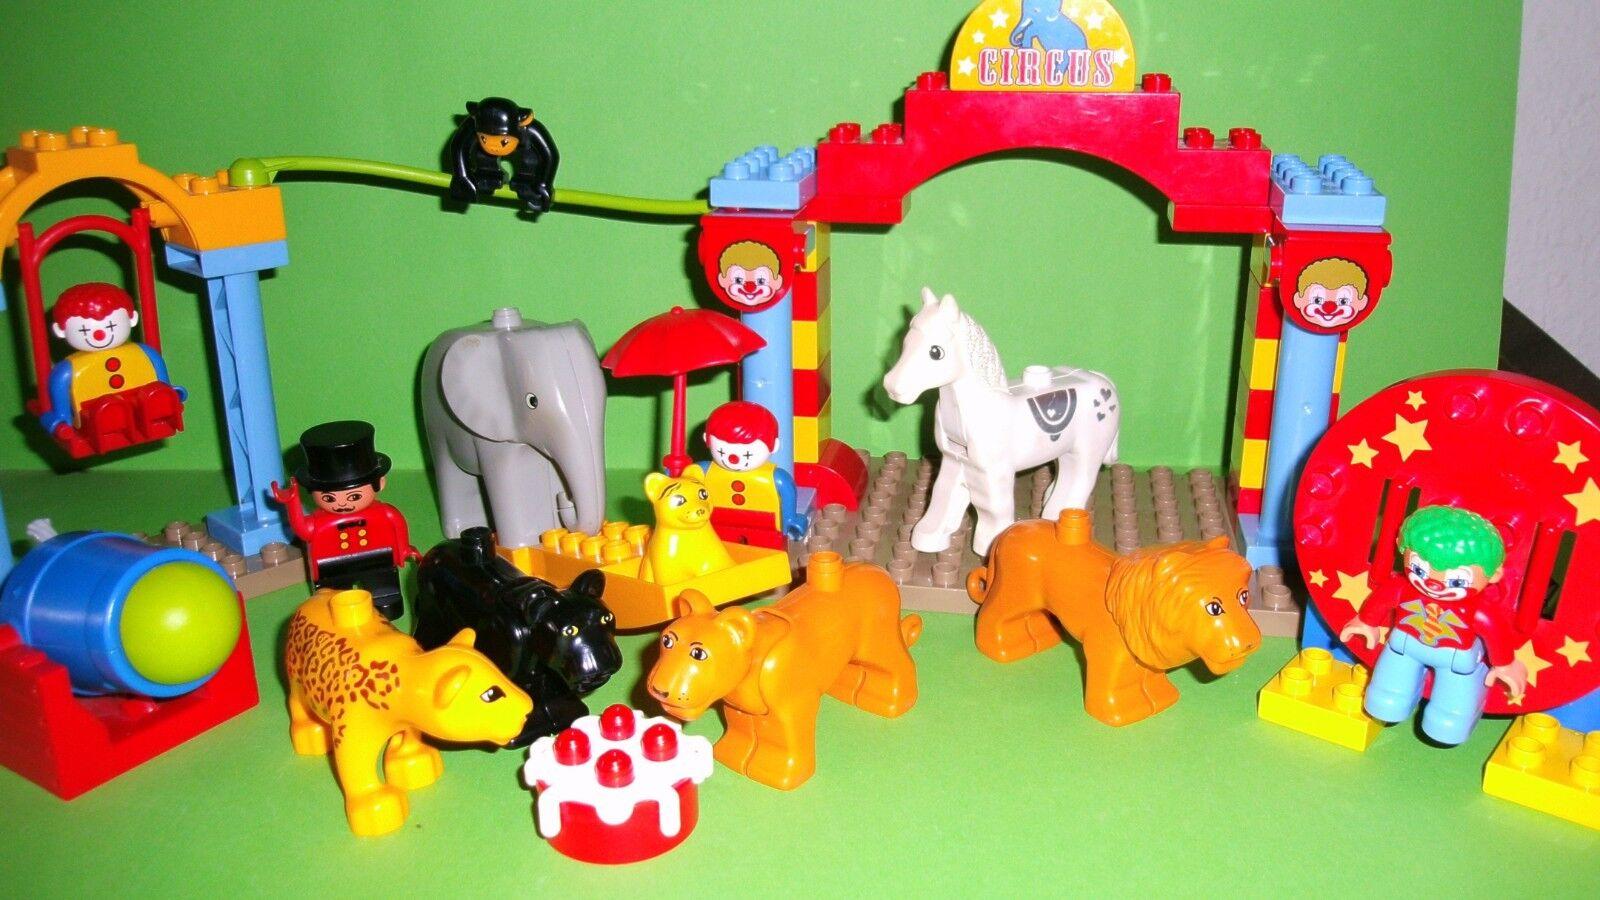 LEGO DUPLO 5593 Cirque, la piste, éléphant, lion, 3 clowns, singe,...